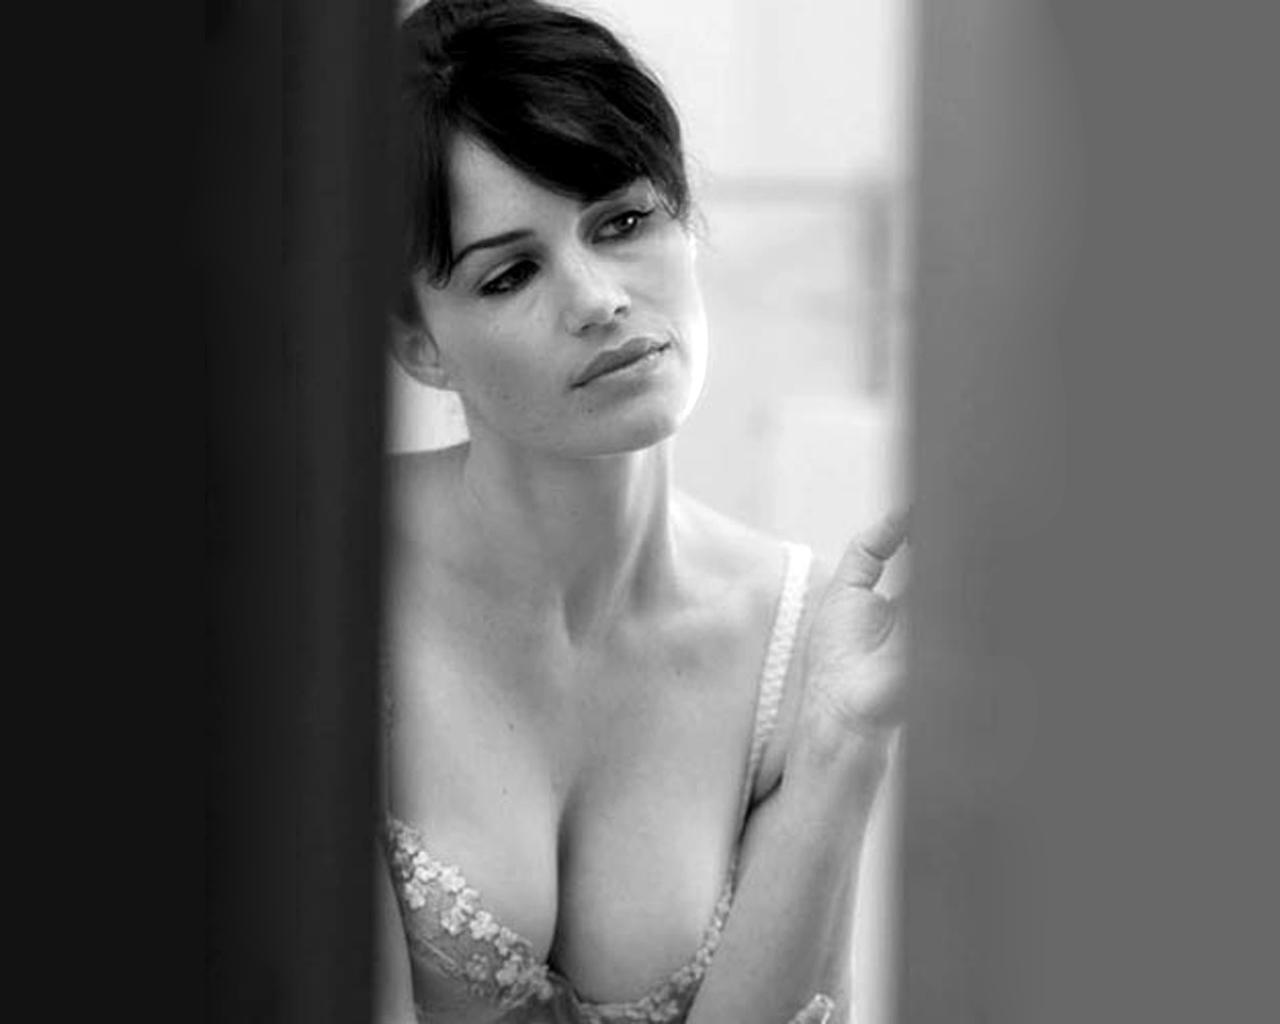 Эротические картинки carlos rodriguez 25 фотография